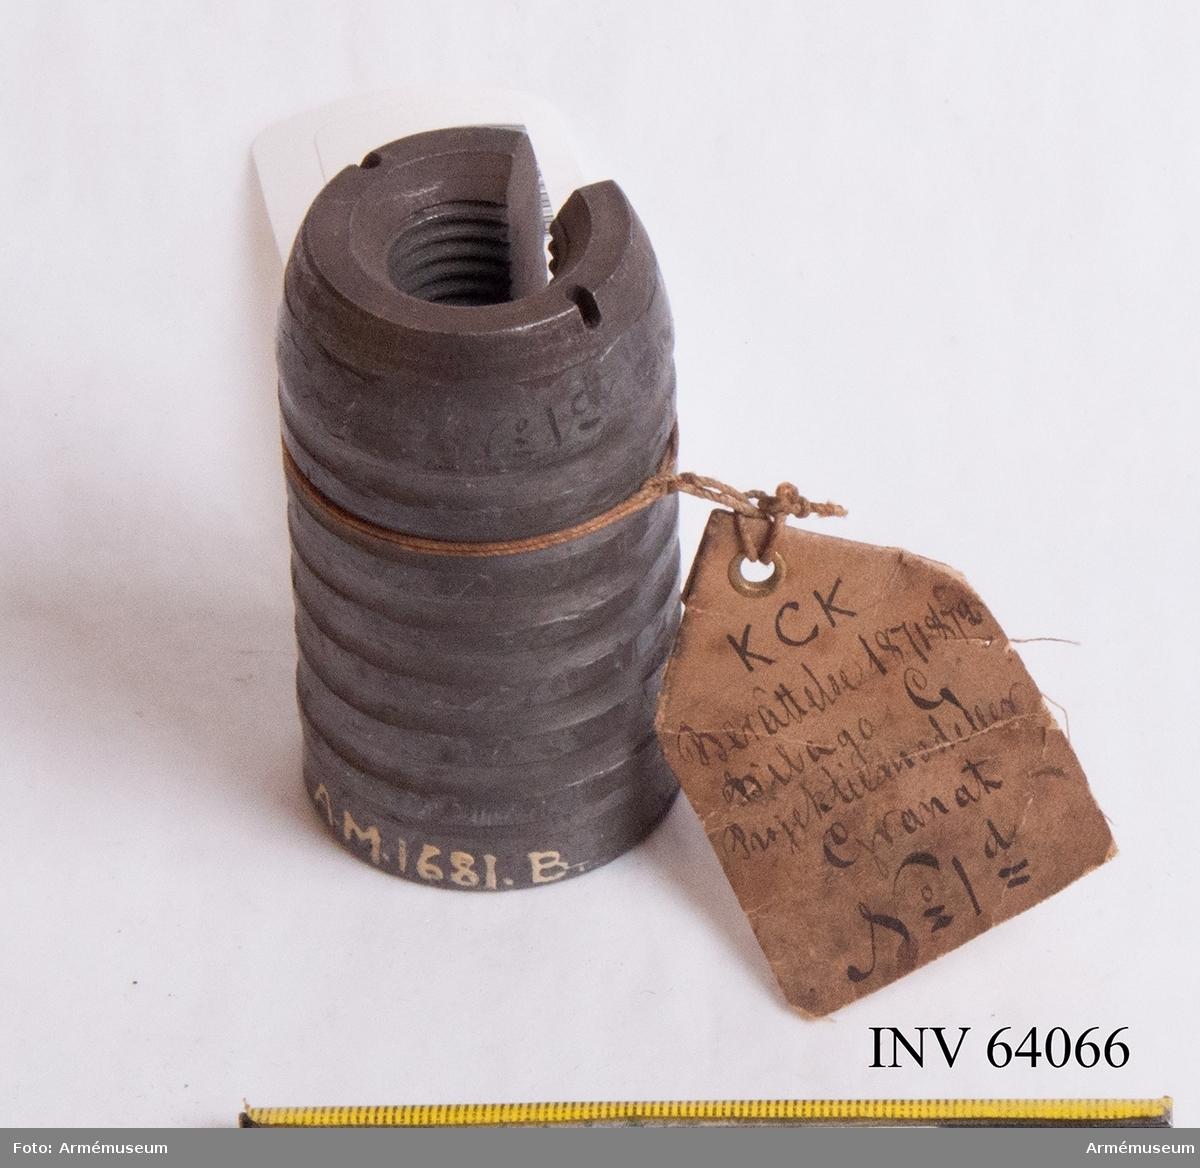 Grupp F II.  Genomskuren granat. Projekt 1868. Granat av tackjärn med två valkar på järnkärnan och med blymantel. Första konstruktionen.